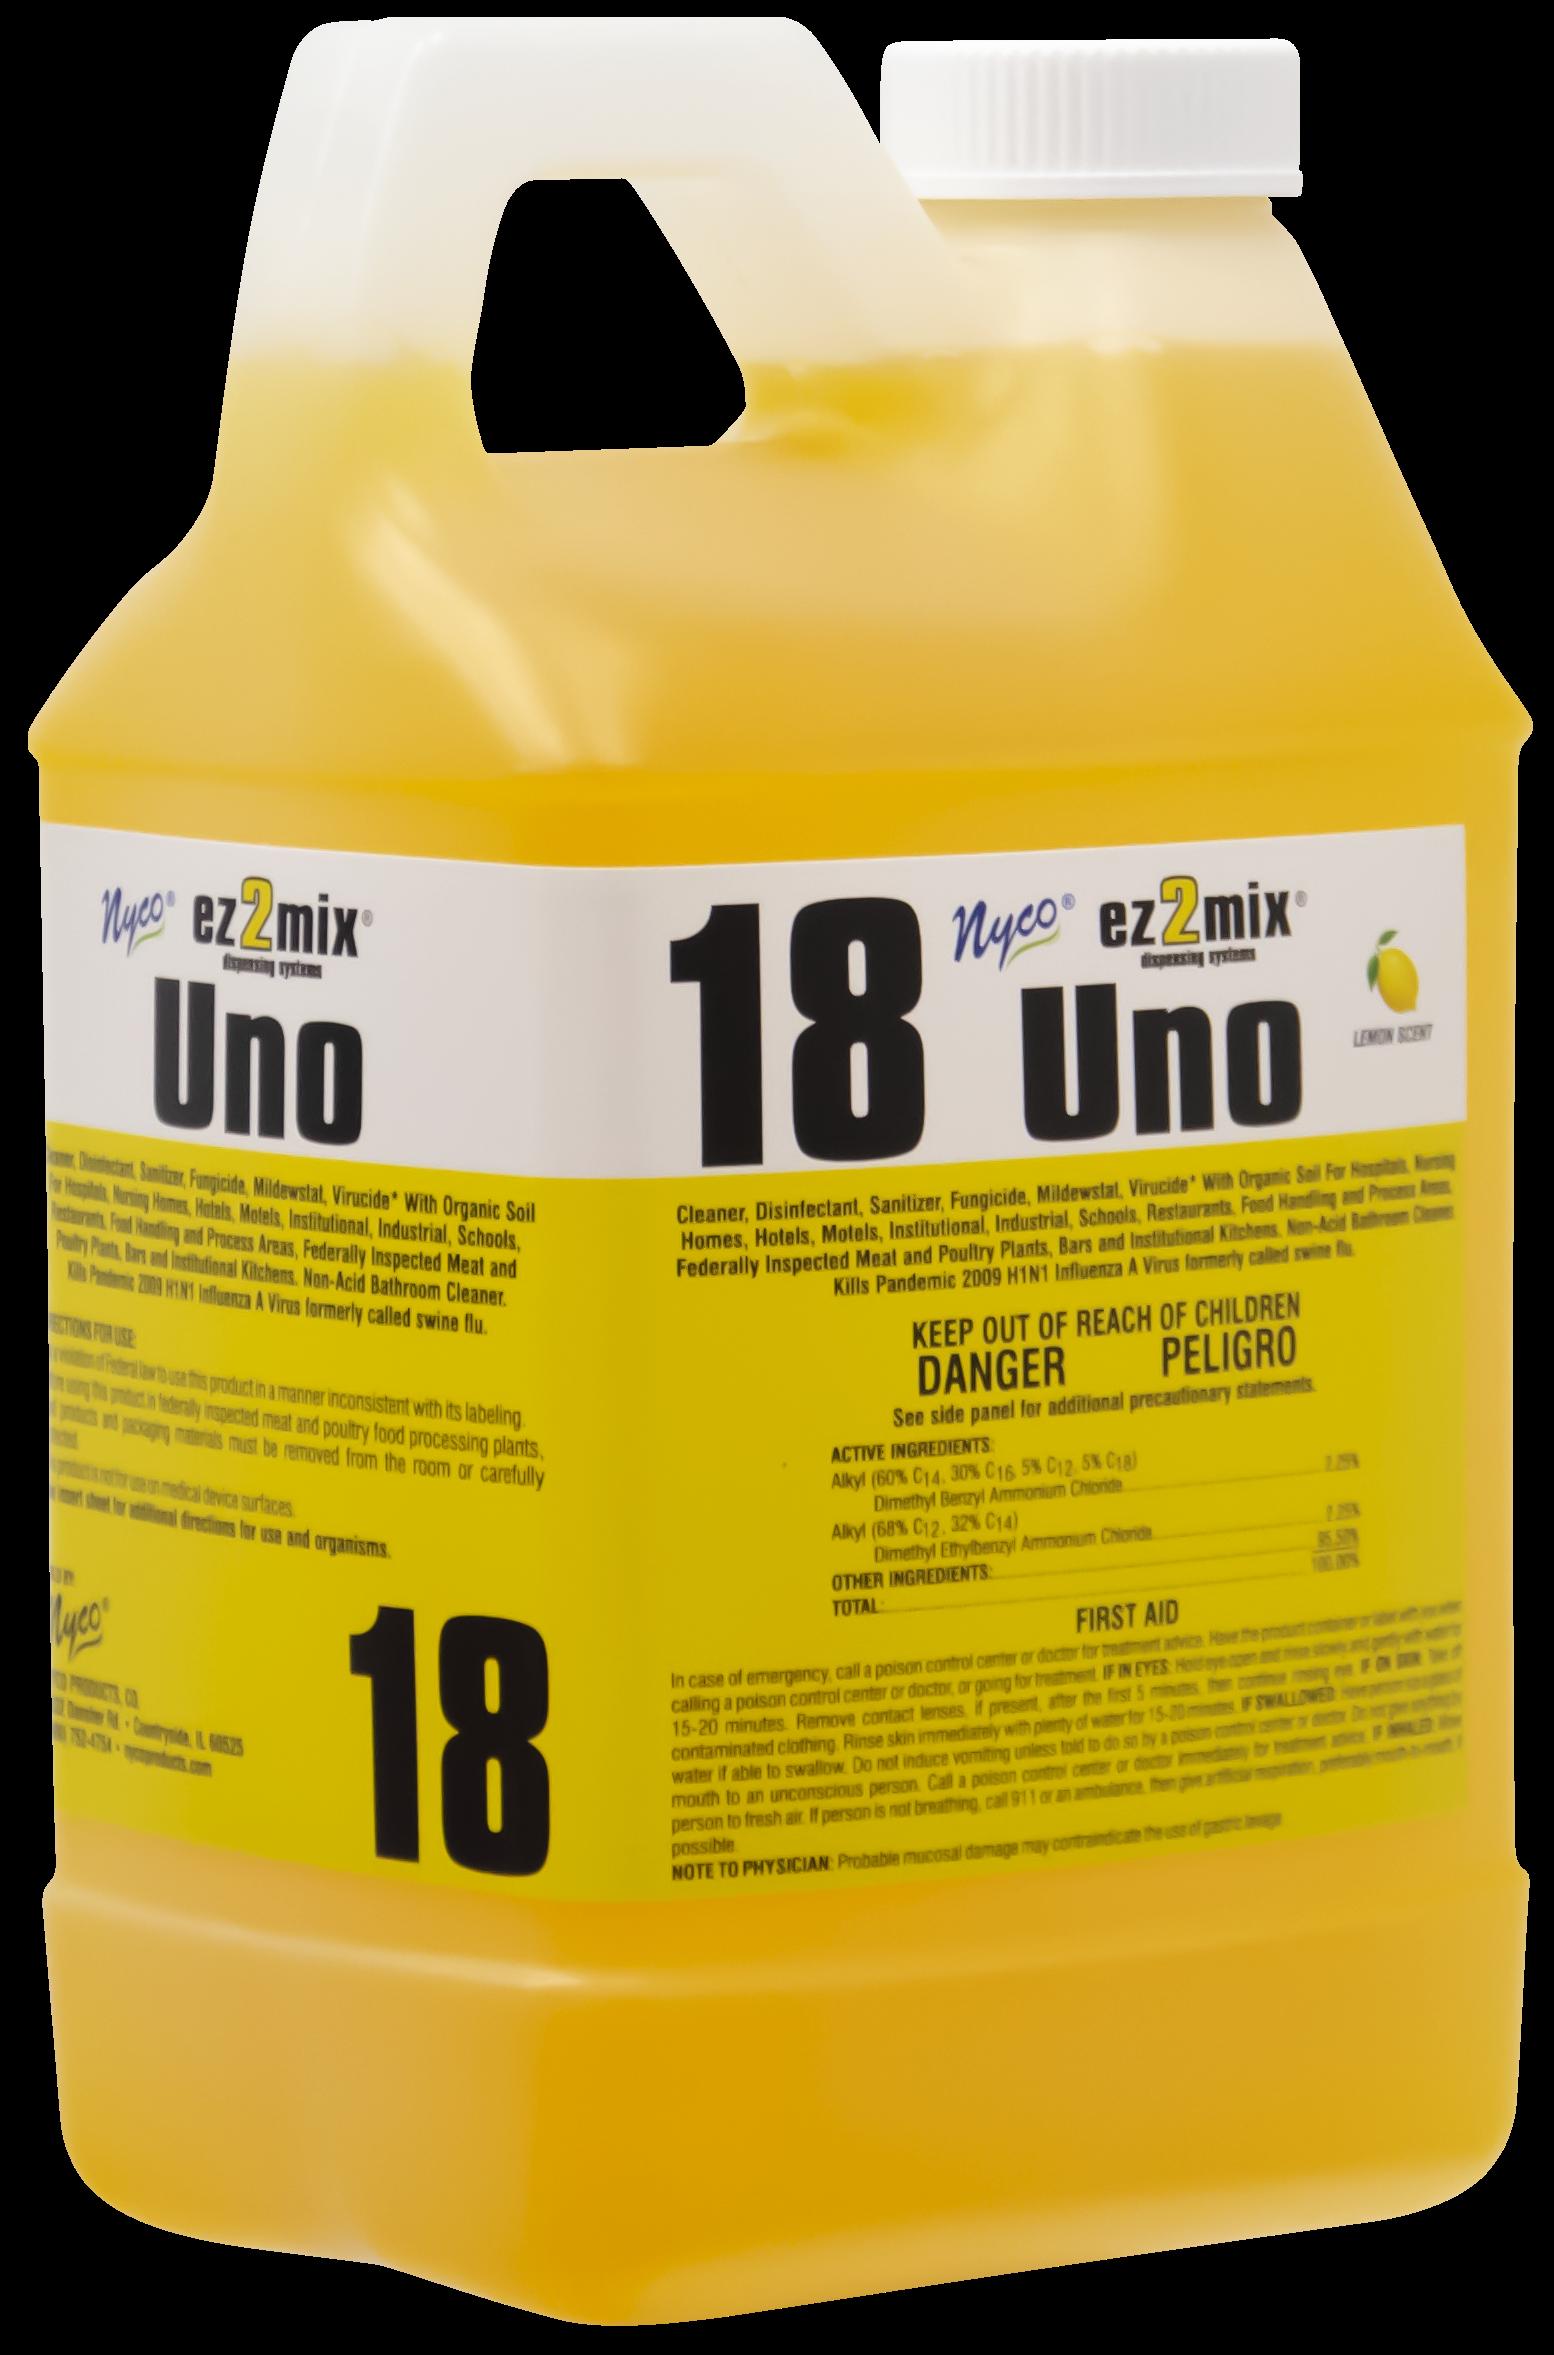 Nyco EZ018-480 uno cleaner/deodorizer, disinfectant, fungicide, mildewstat, virucide